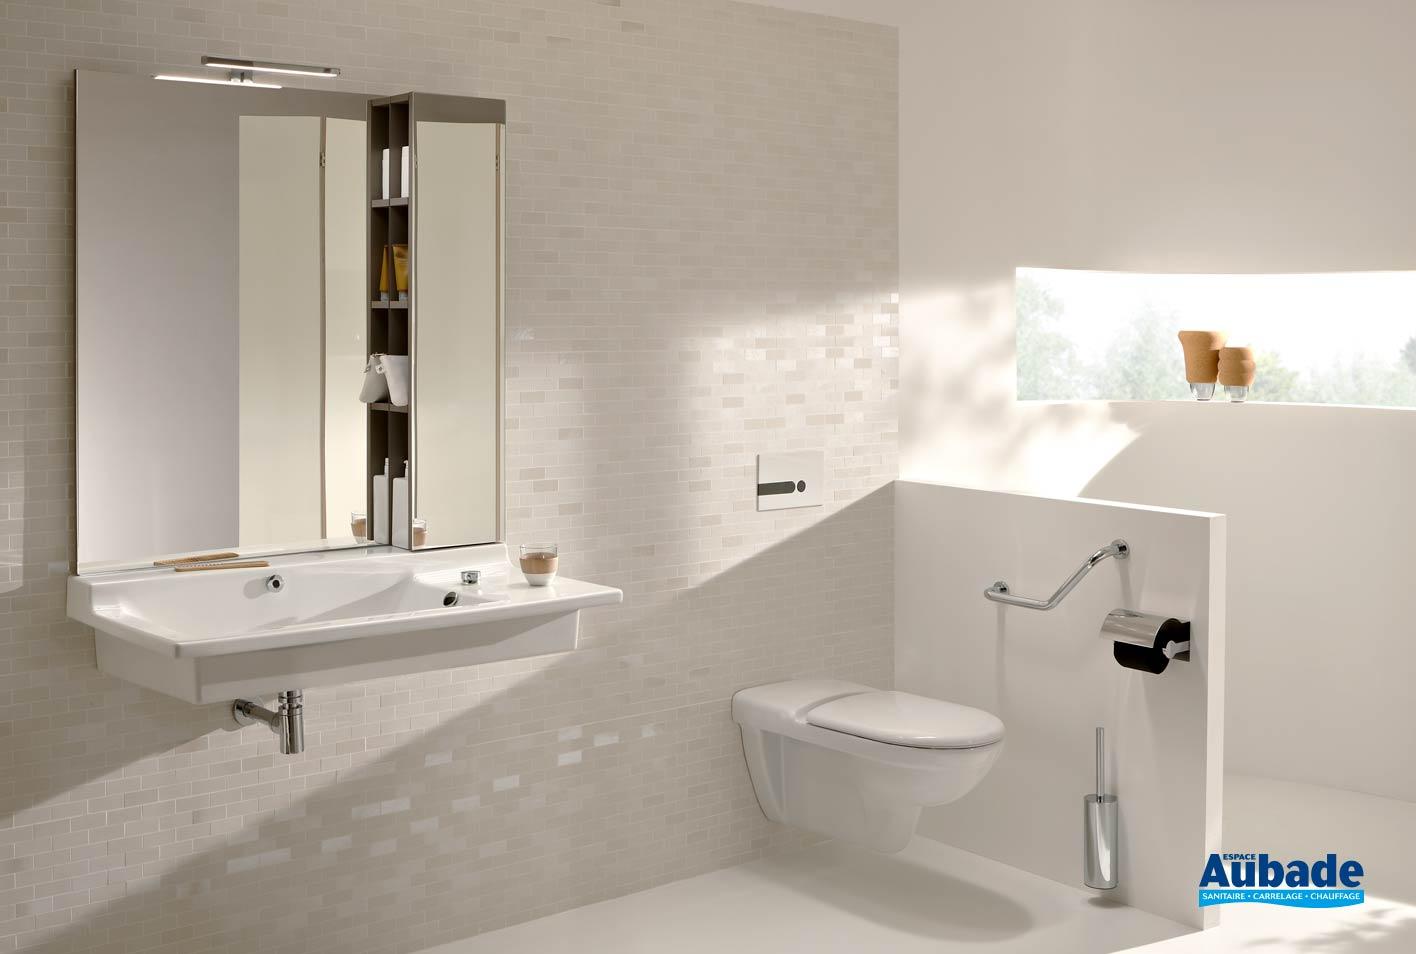 Reparer Eclat Carrelage Blanc aide à la mobilité réduite plan-vasque soprano pmr jacob